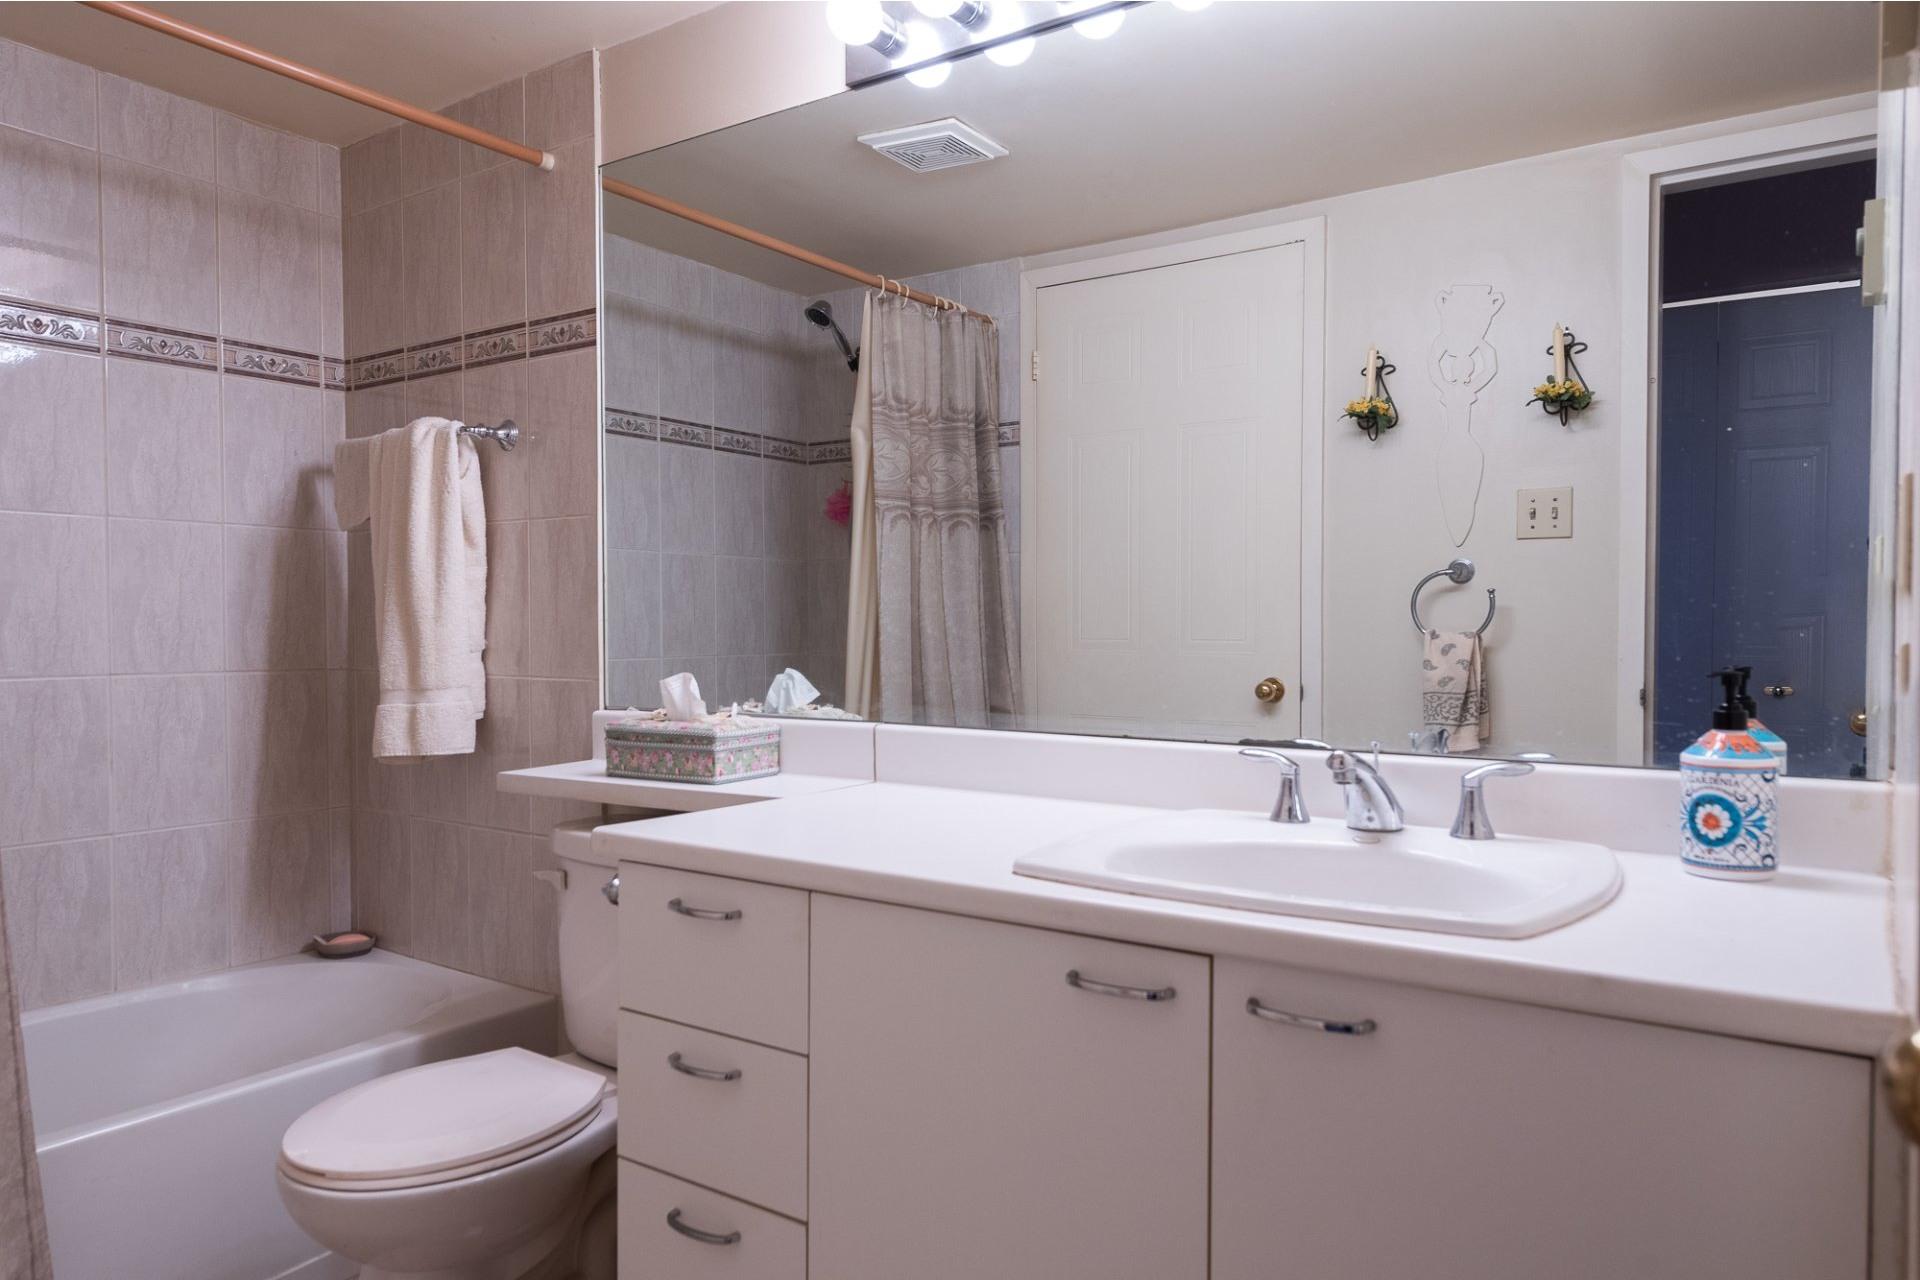 image 18 - Apartment For sale Montréal Saint-Laurent  - 5 rooms